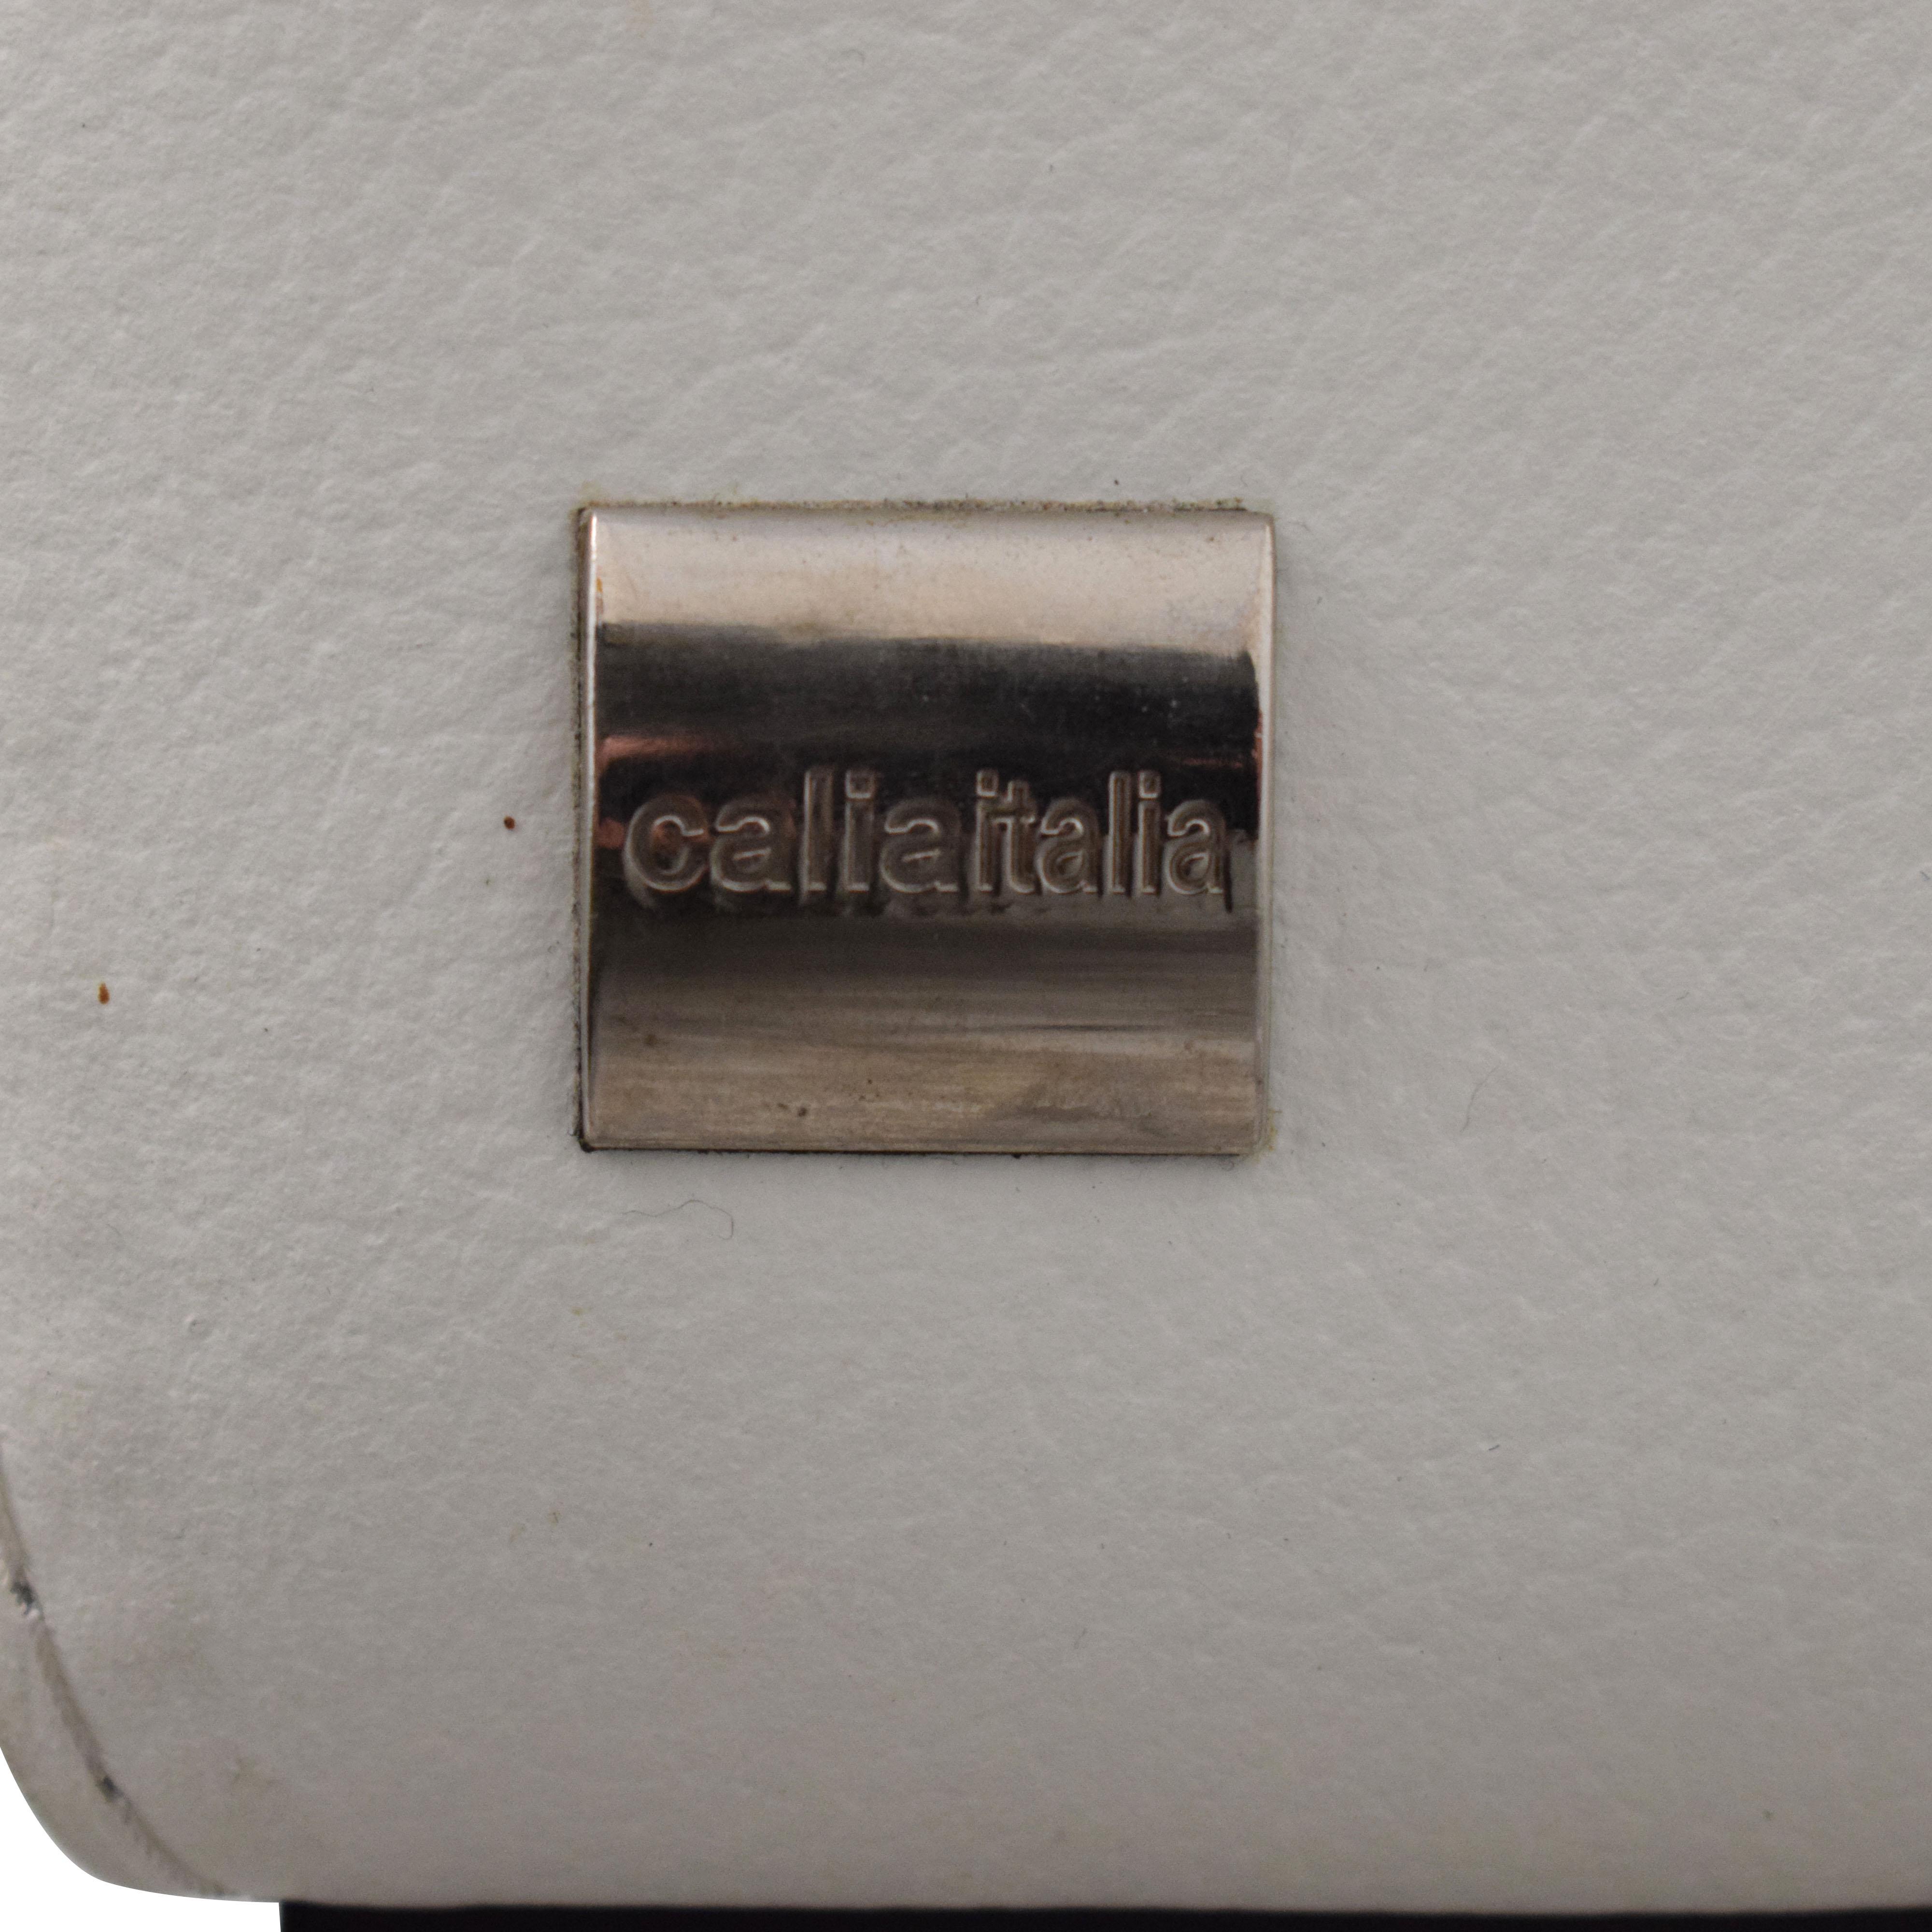 Calia Italia Calia Italia Soho 3-Seat Leather Couch second hand